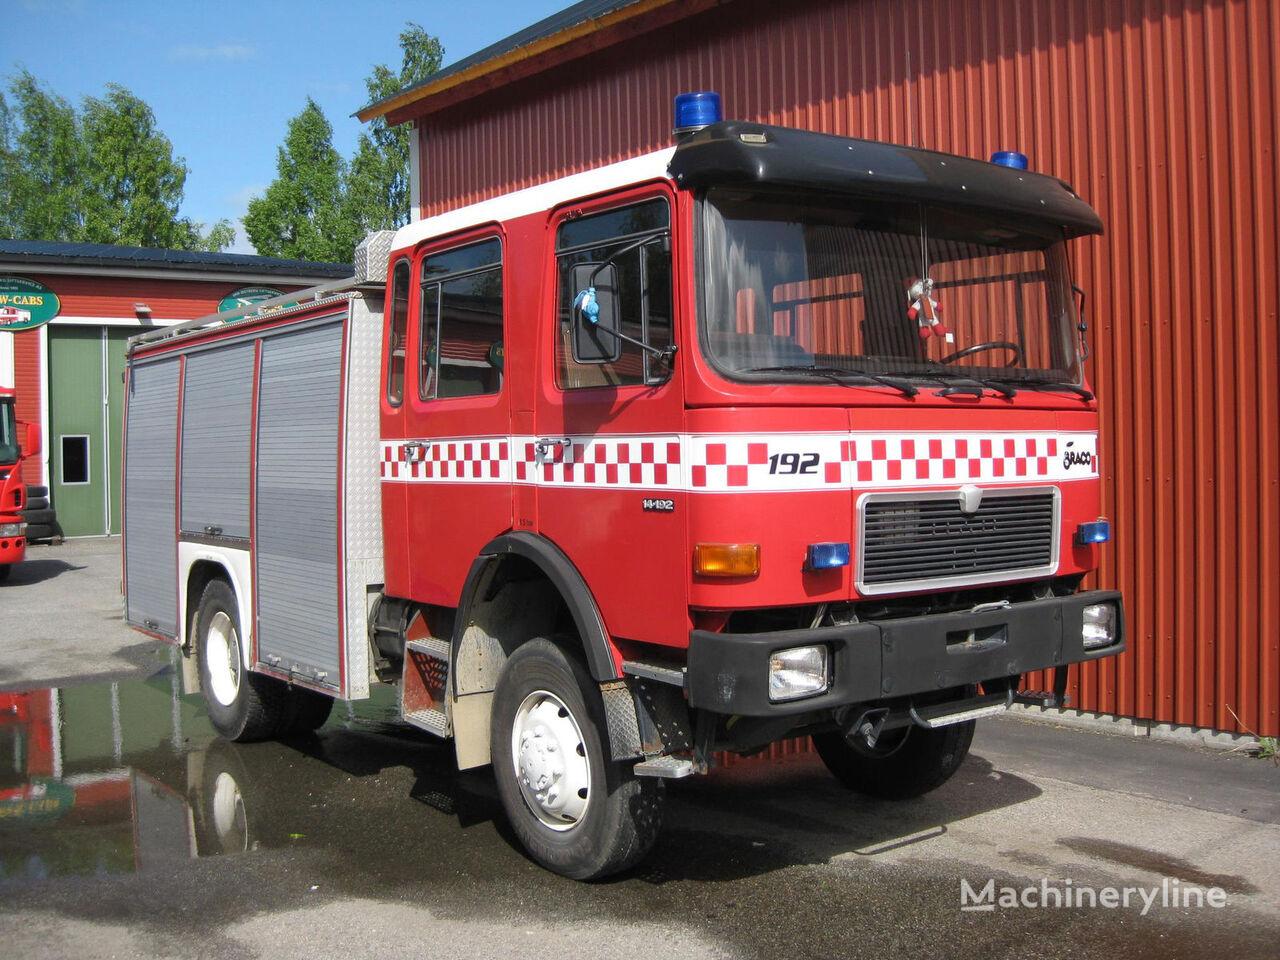 πυροσβεστικό όχημα MAN 14-192, 4x4 WD